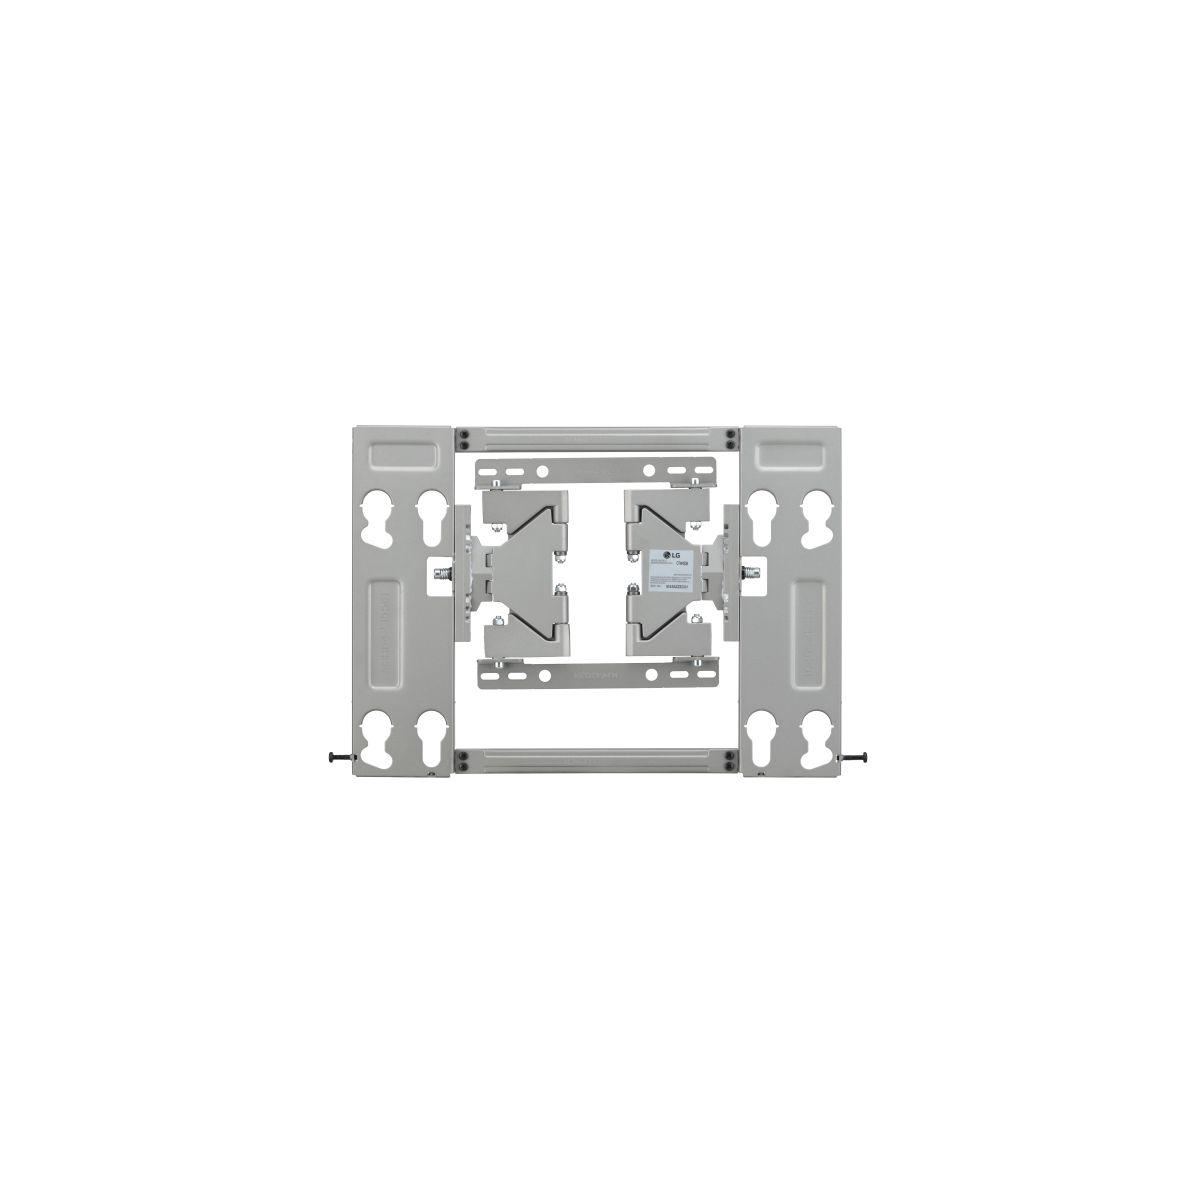 Accessoire lg support mural otw420b - 20% de remise imm�diate avec le code : fete20 (photo)